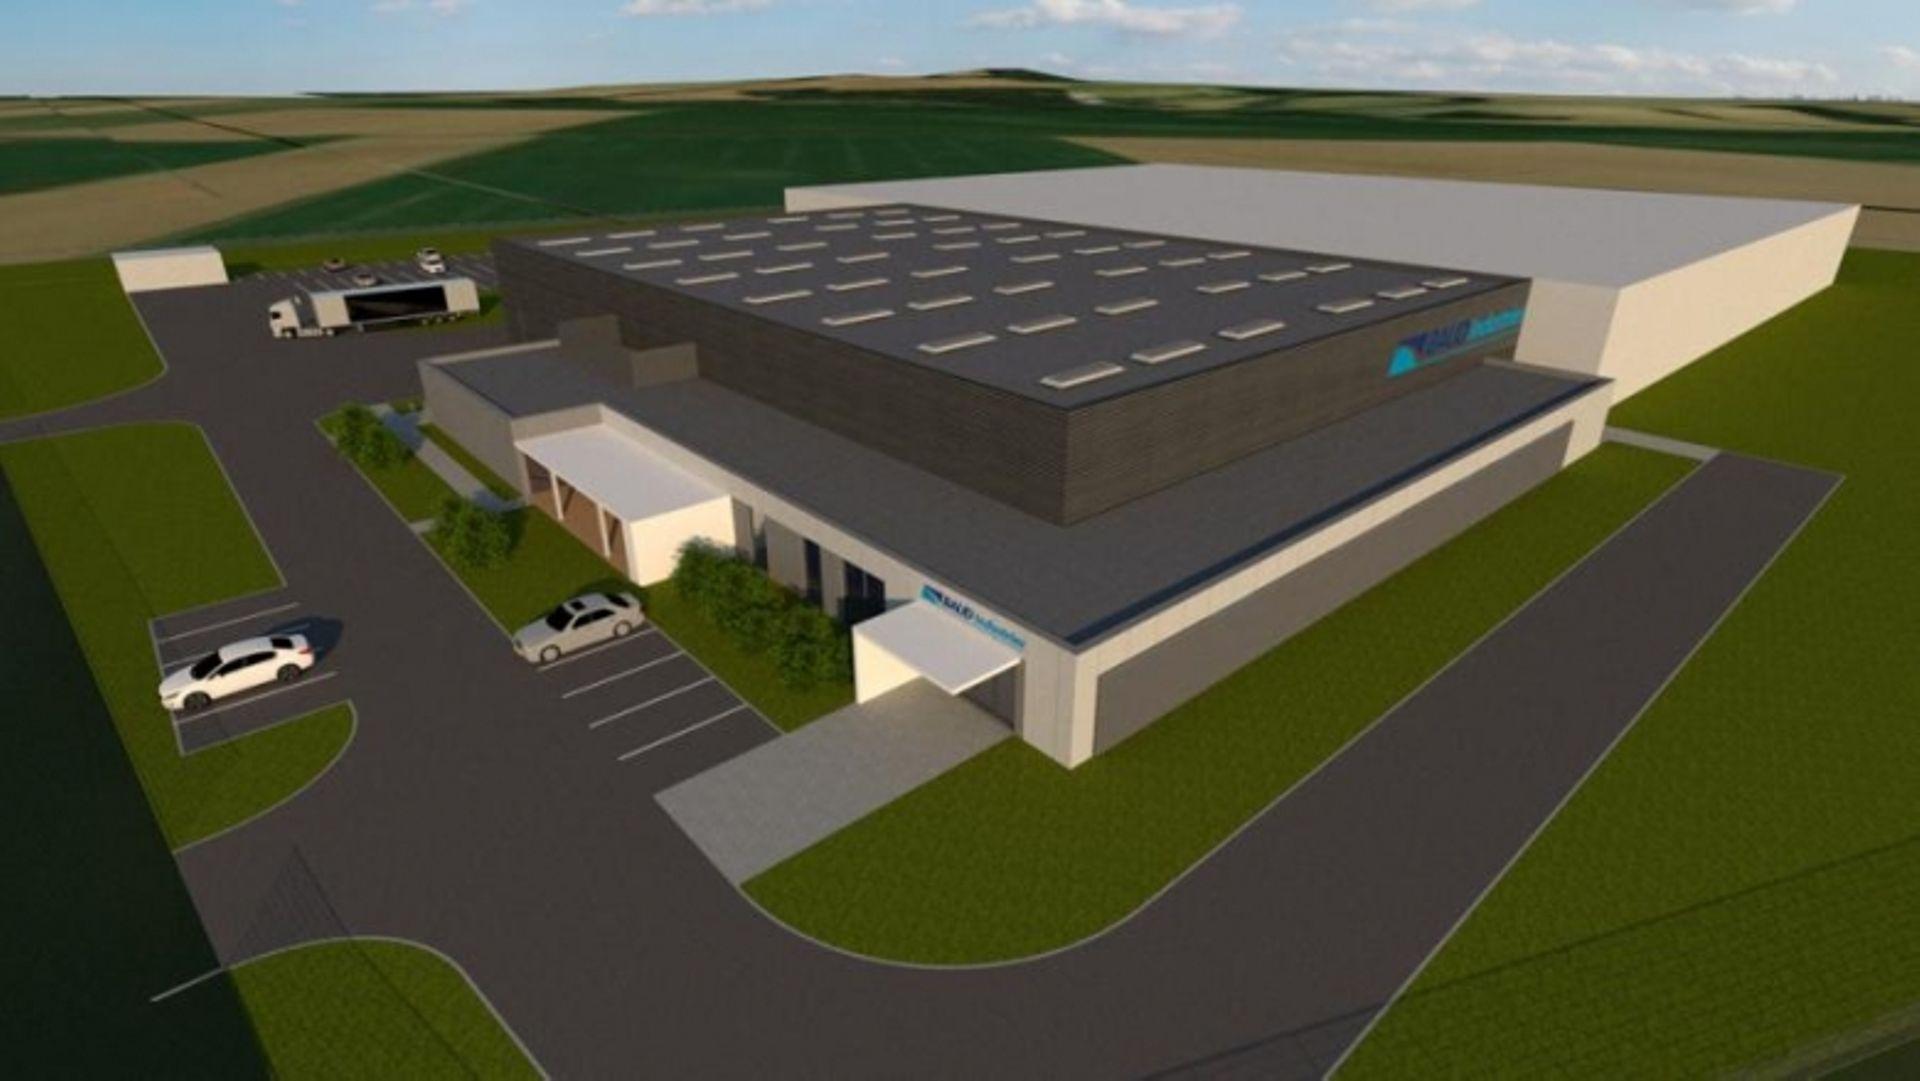 Dolny Śląsk: Inwestor z Francji wybuduje nową fabrykę w Ząbkowicach Śląskich